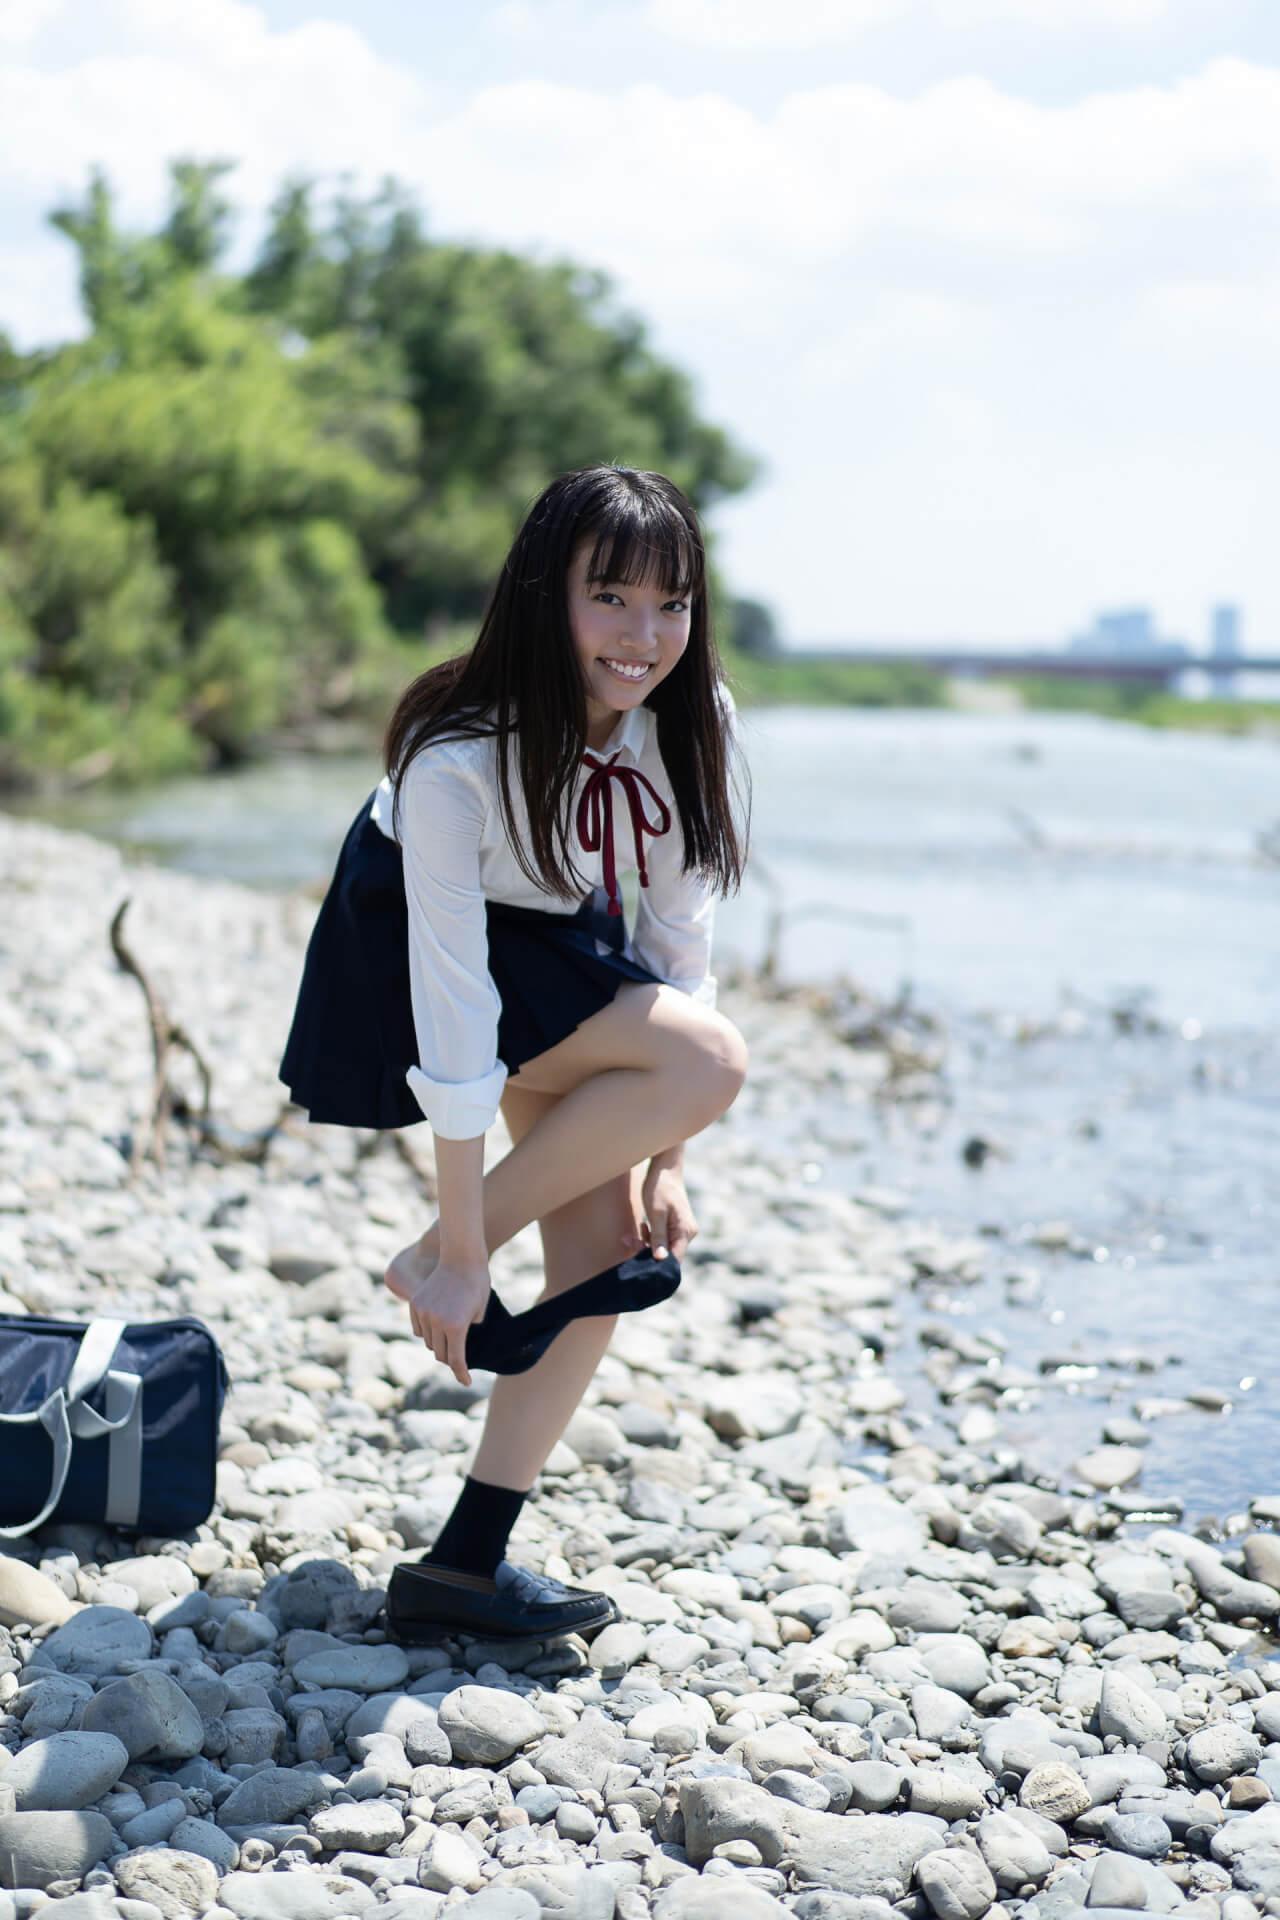 豊満バストで引っ張りだこの桜田愛音が『FLASHデジタル写真集 最後の制服』で自慢のくびれを大胆披露! art201225_sakuradaanon_2